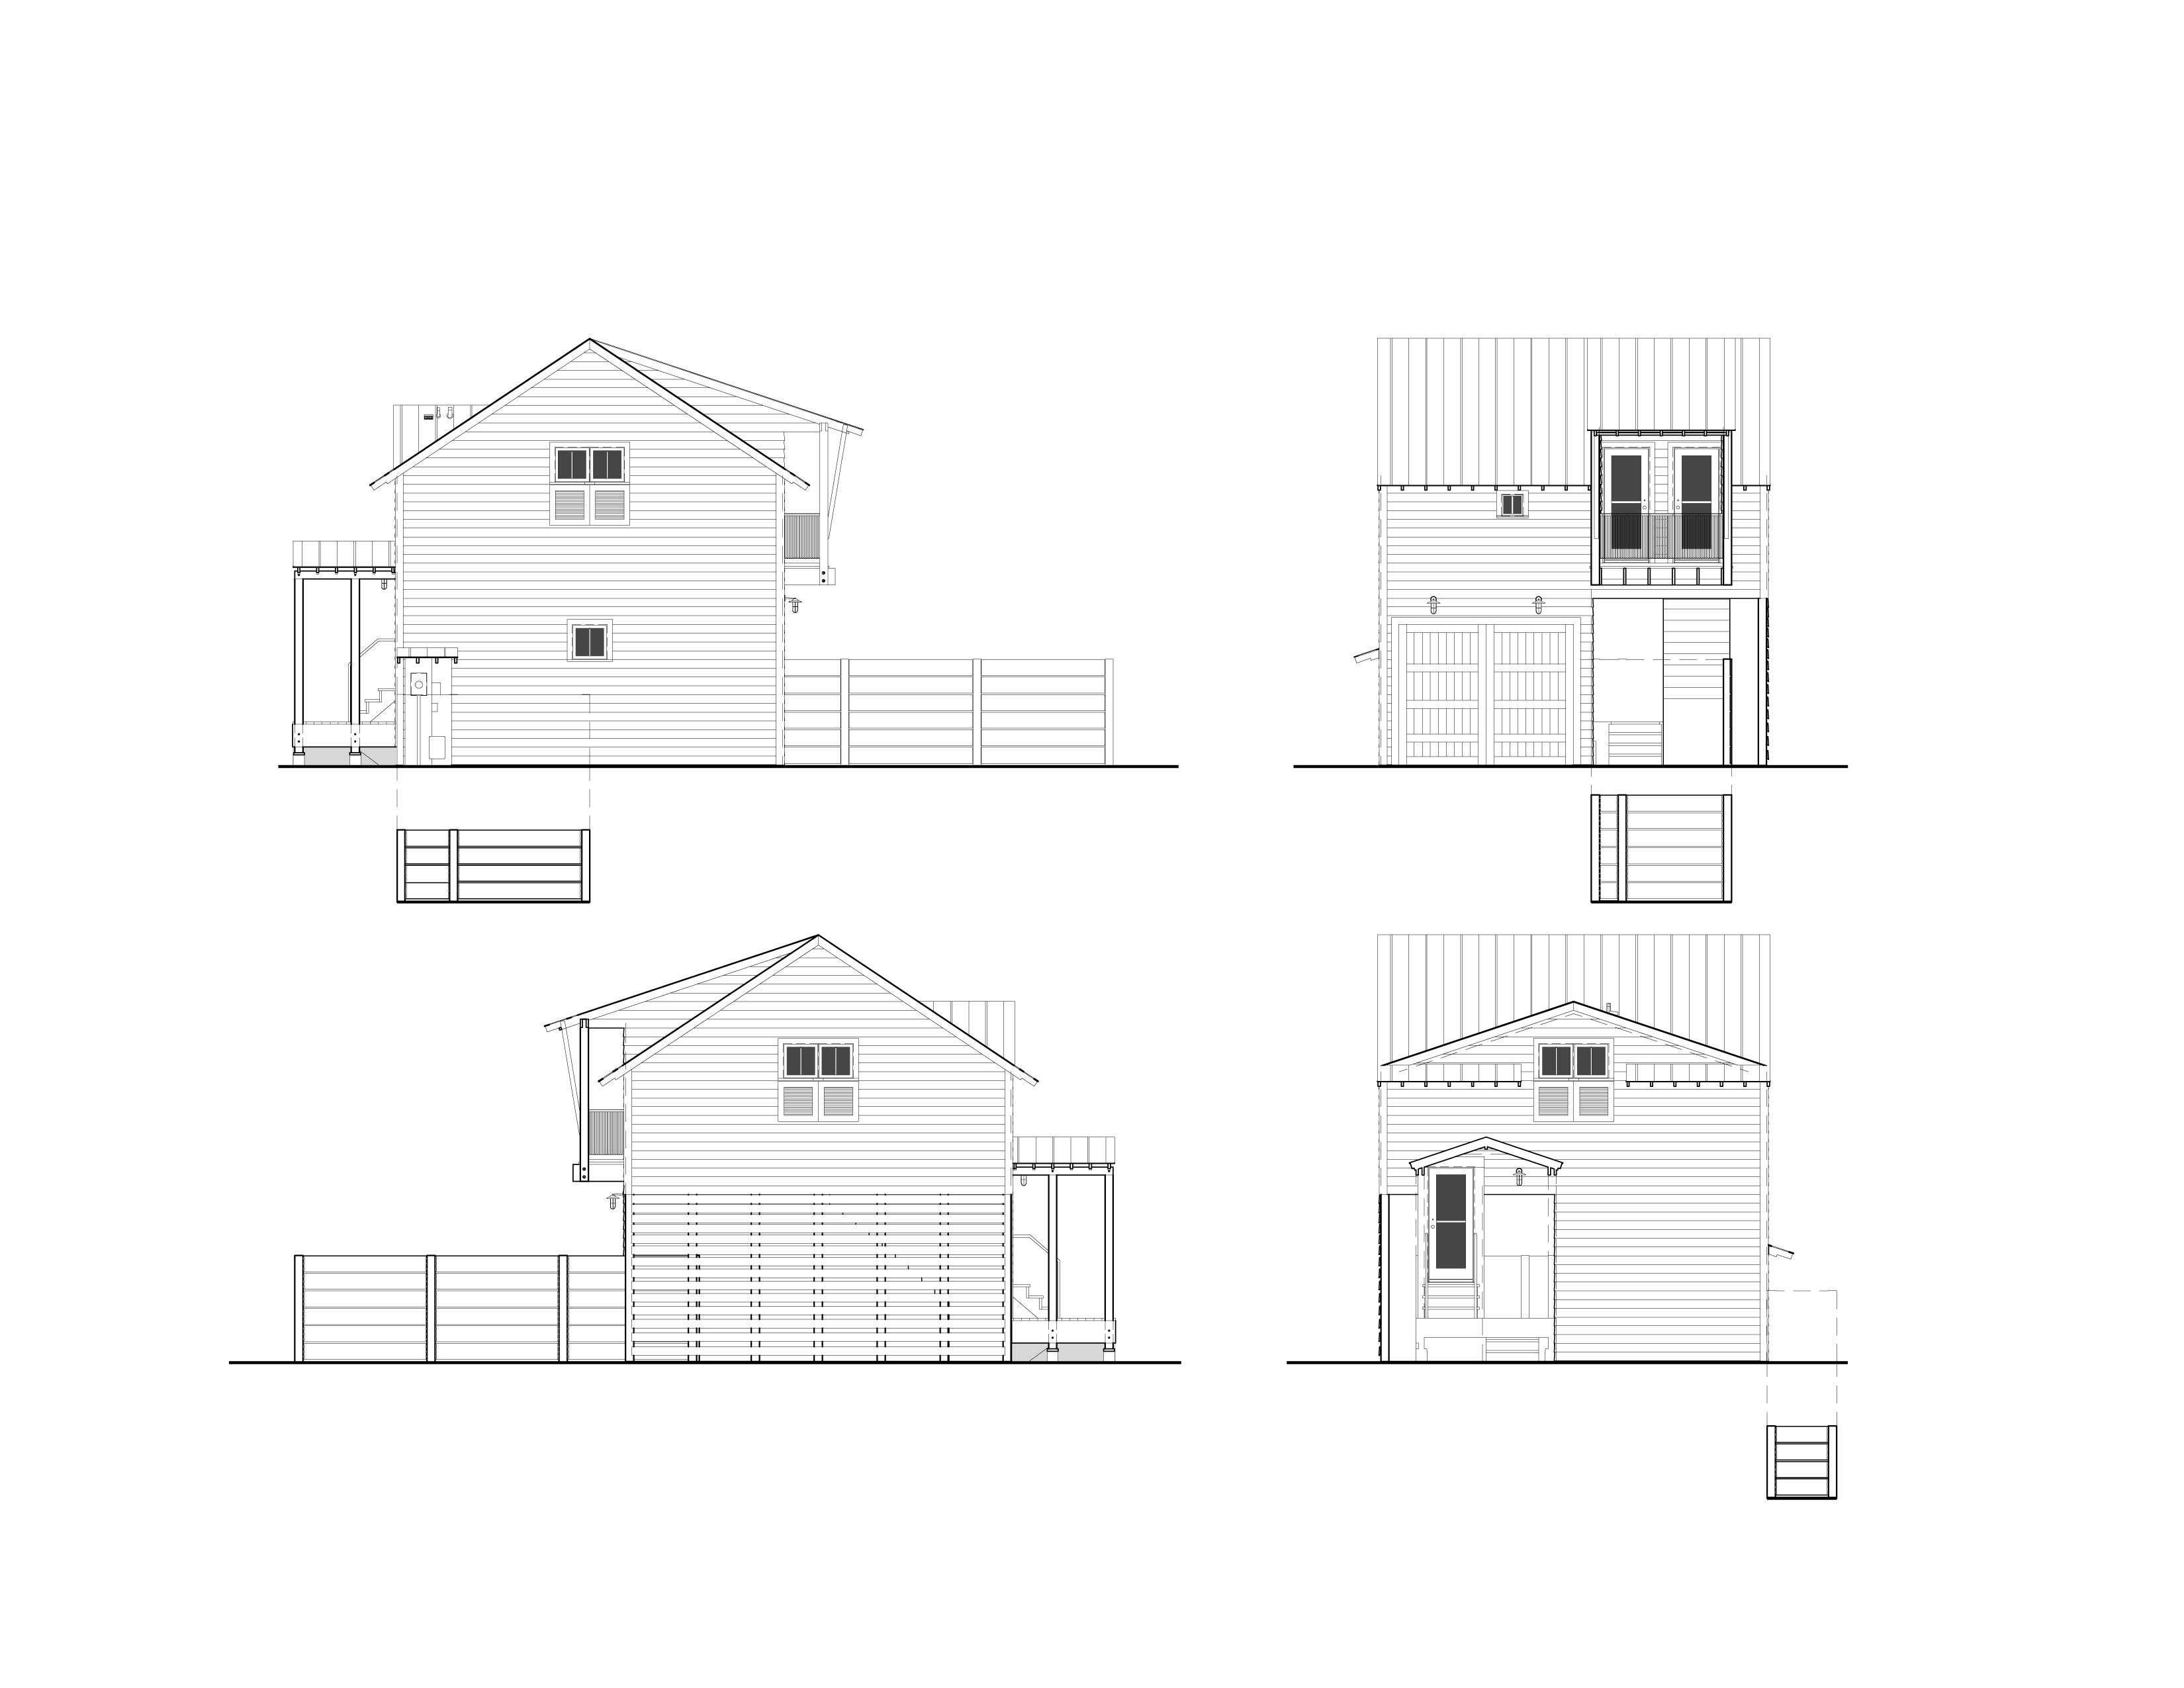 3300x2550 Houseoffourlights